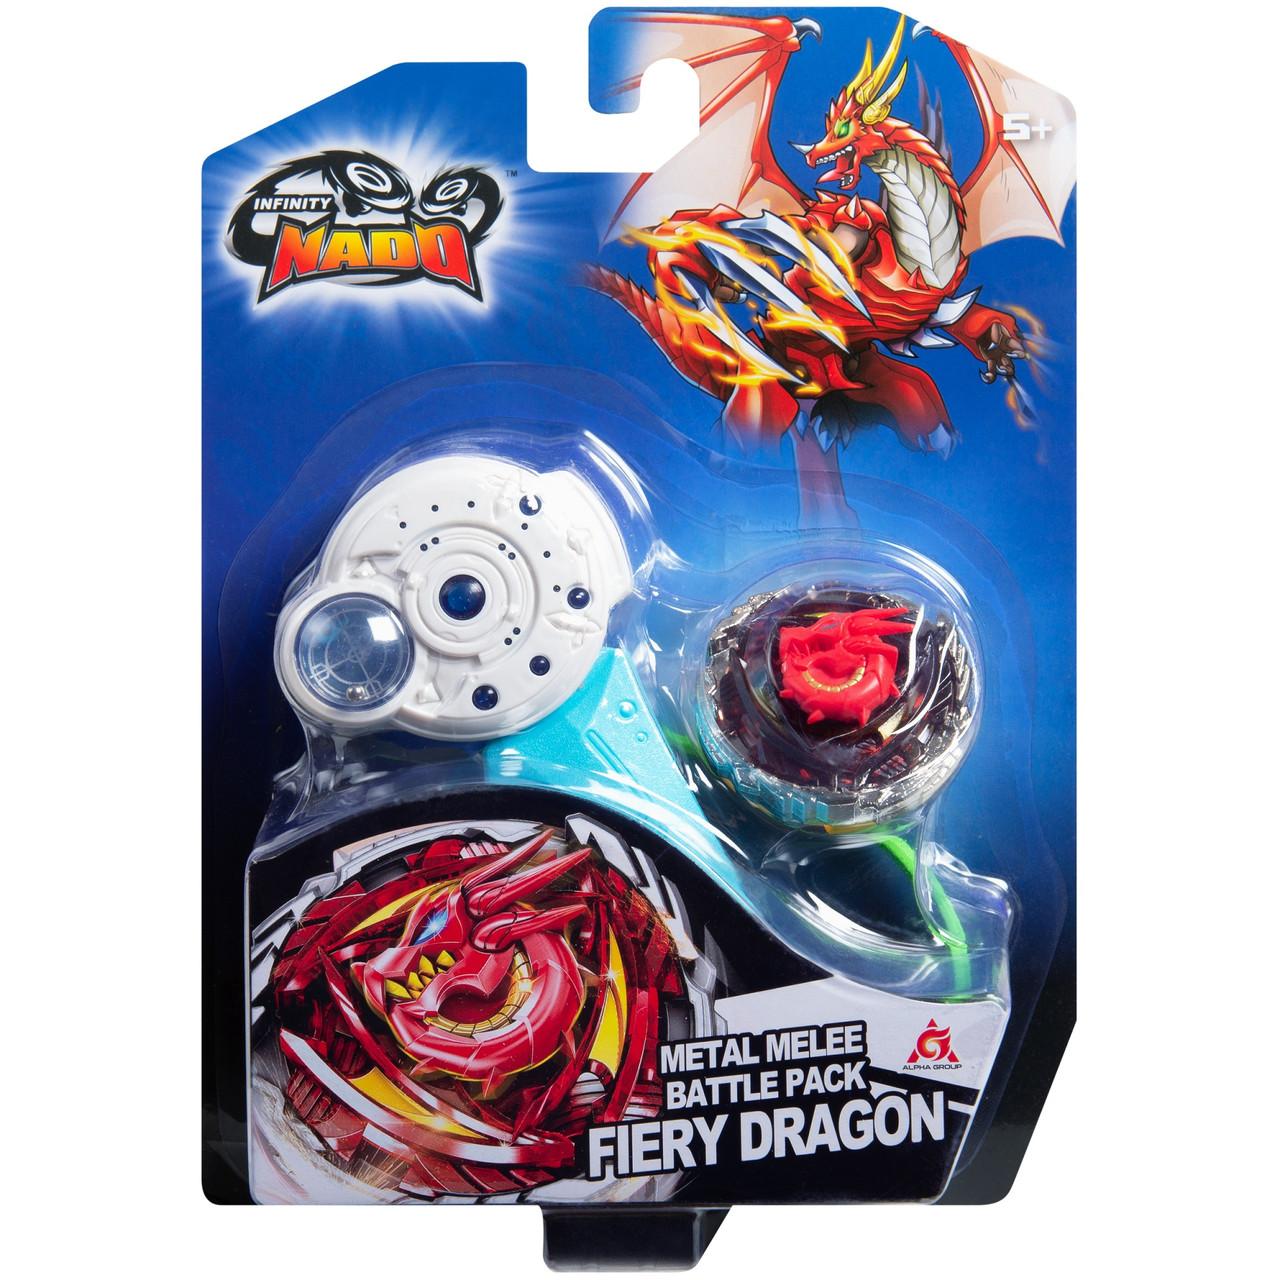 Инфинити Надо Волчок «Классик» Fiery Dragon, Огненный Дракон, нападение